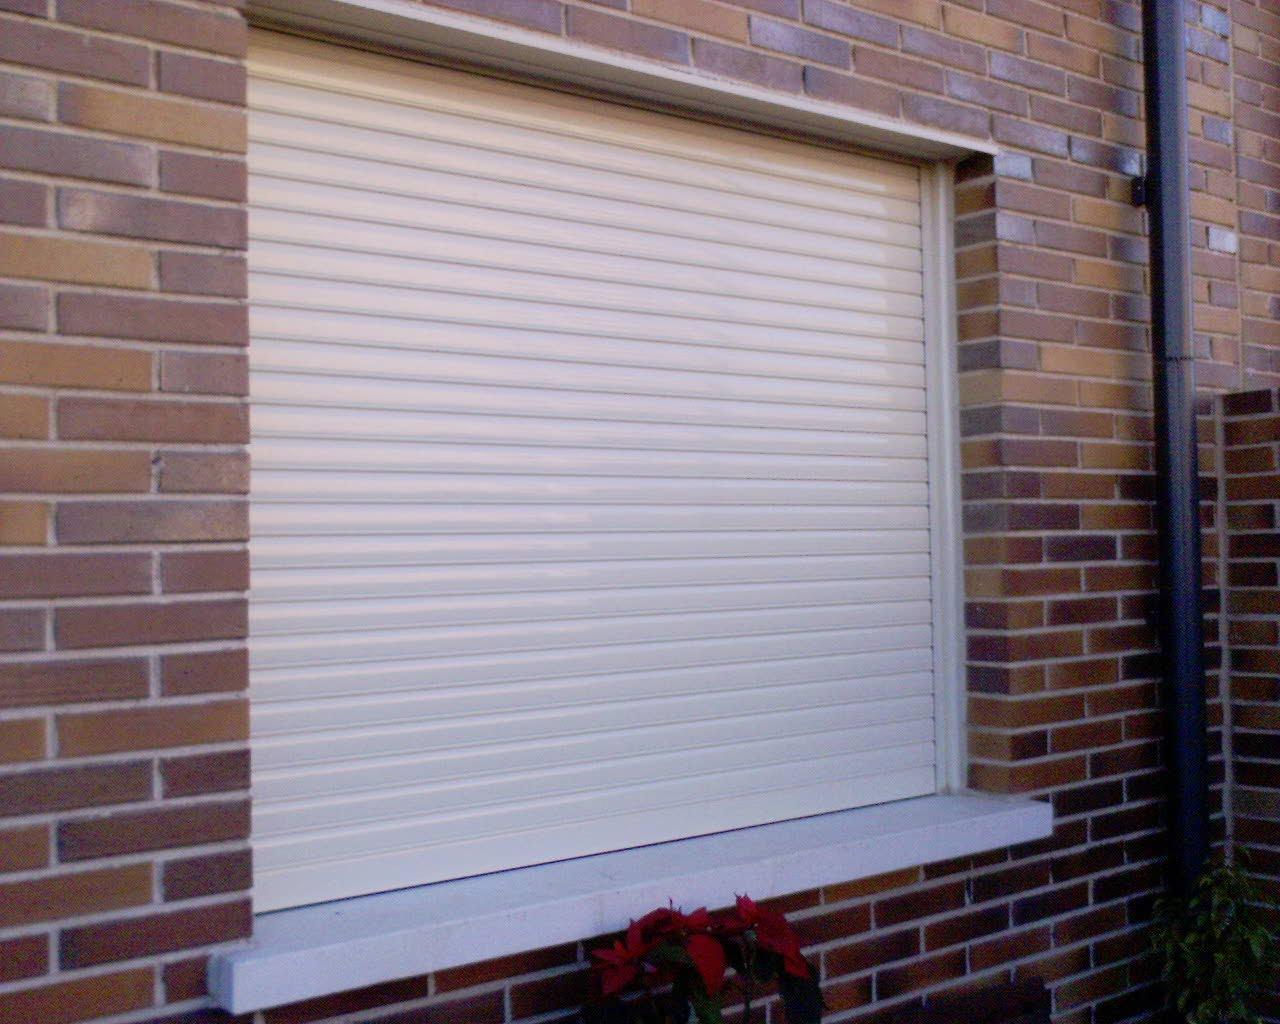 Como arreglar las persianas encalladas y caidas persianas - Arreglar una persiana ...